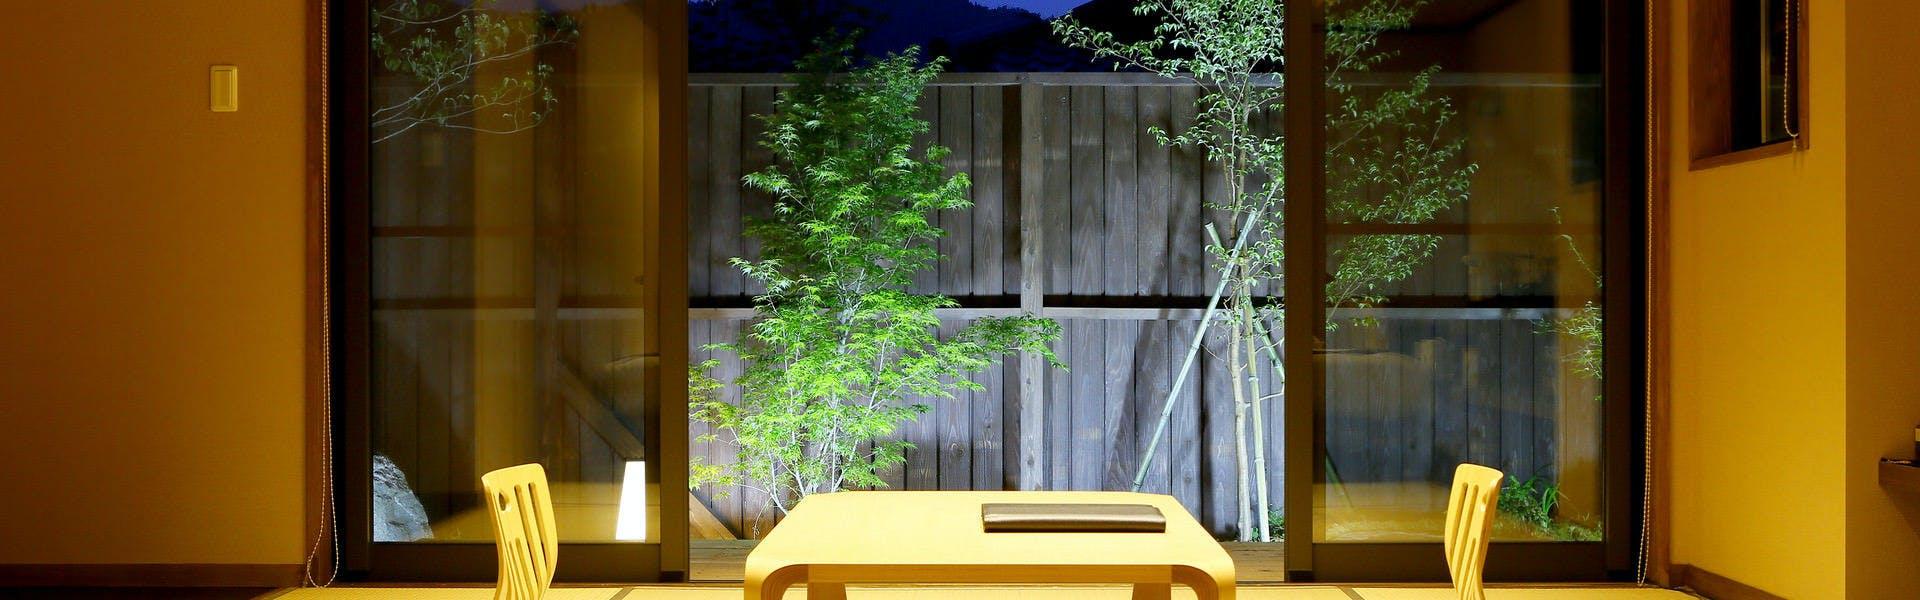 記念日におすすめのホテル・高千穂 離れの宿 神隠れの写真2